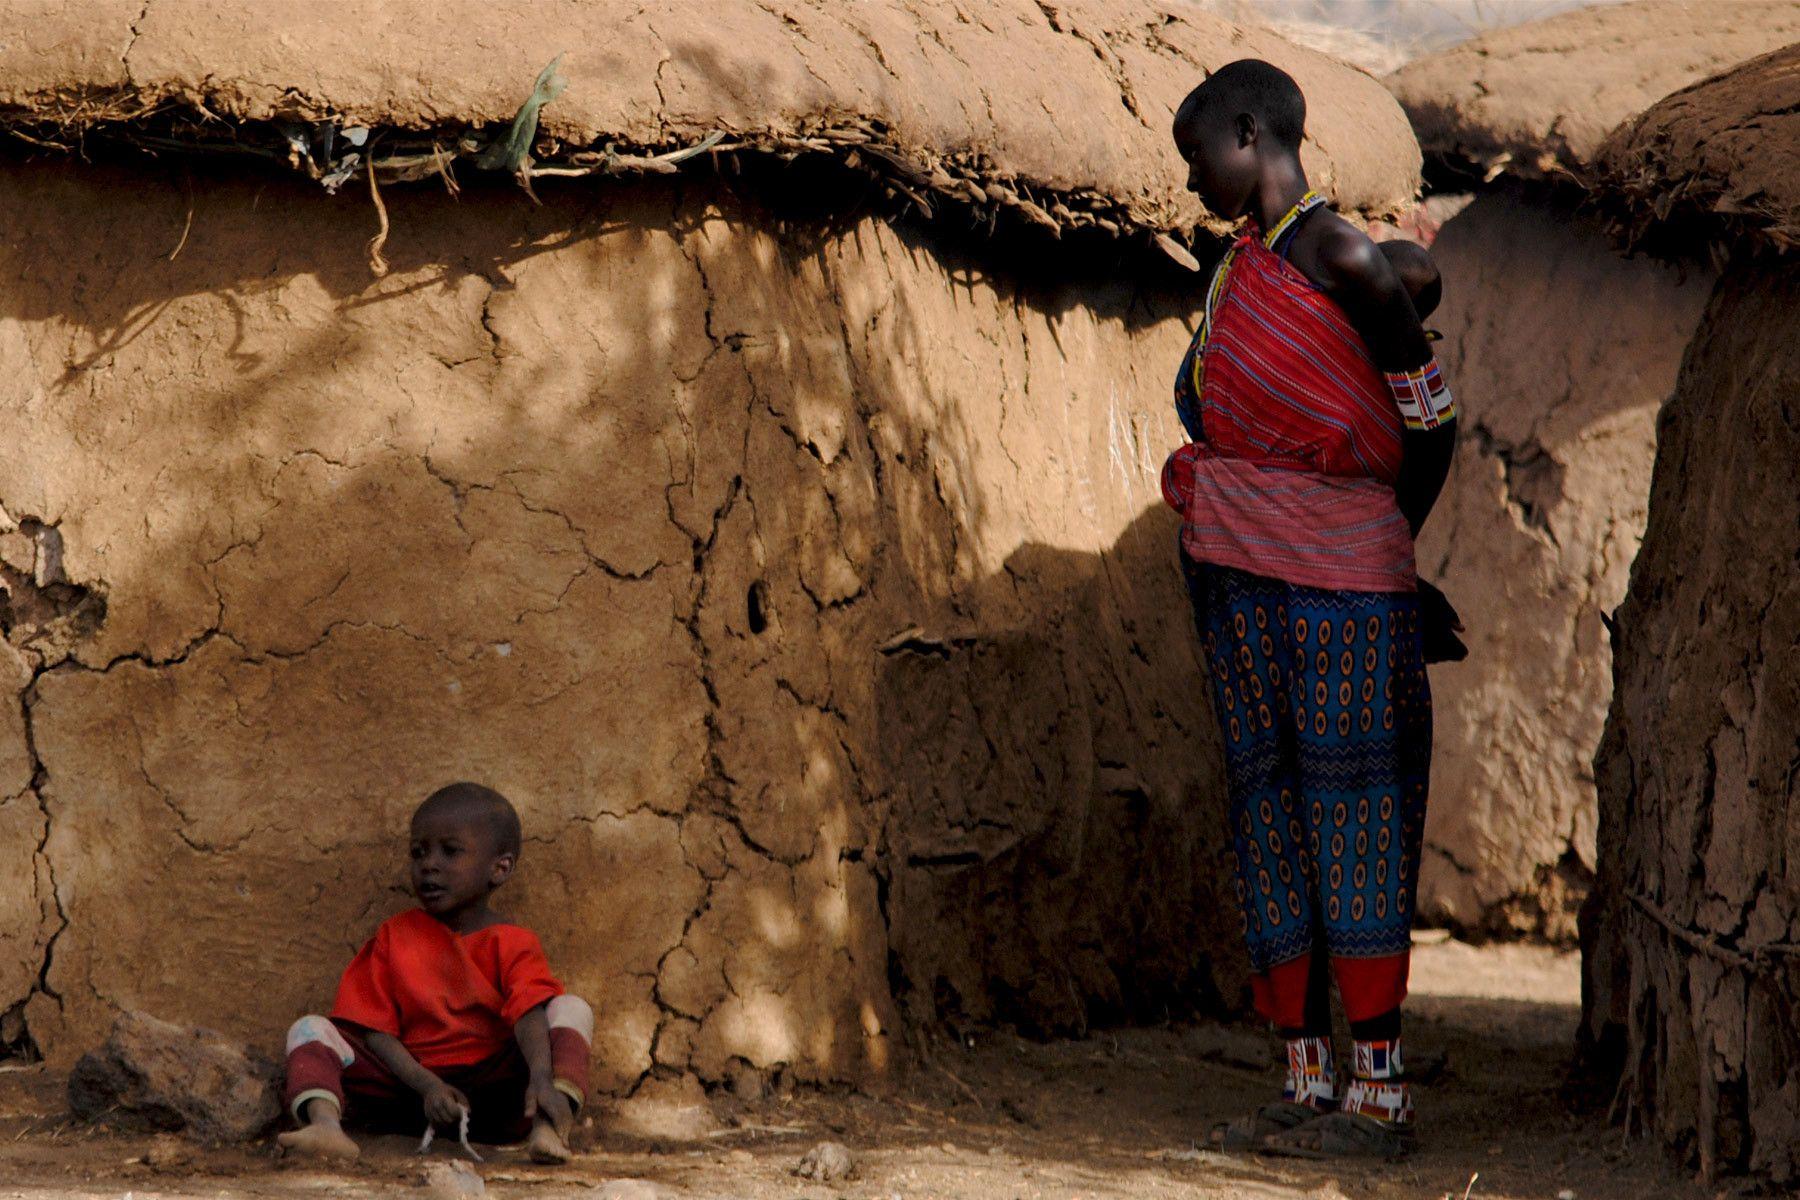 104___africa_kenya_maasai_village.jpg